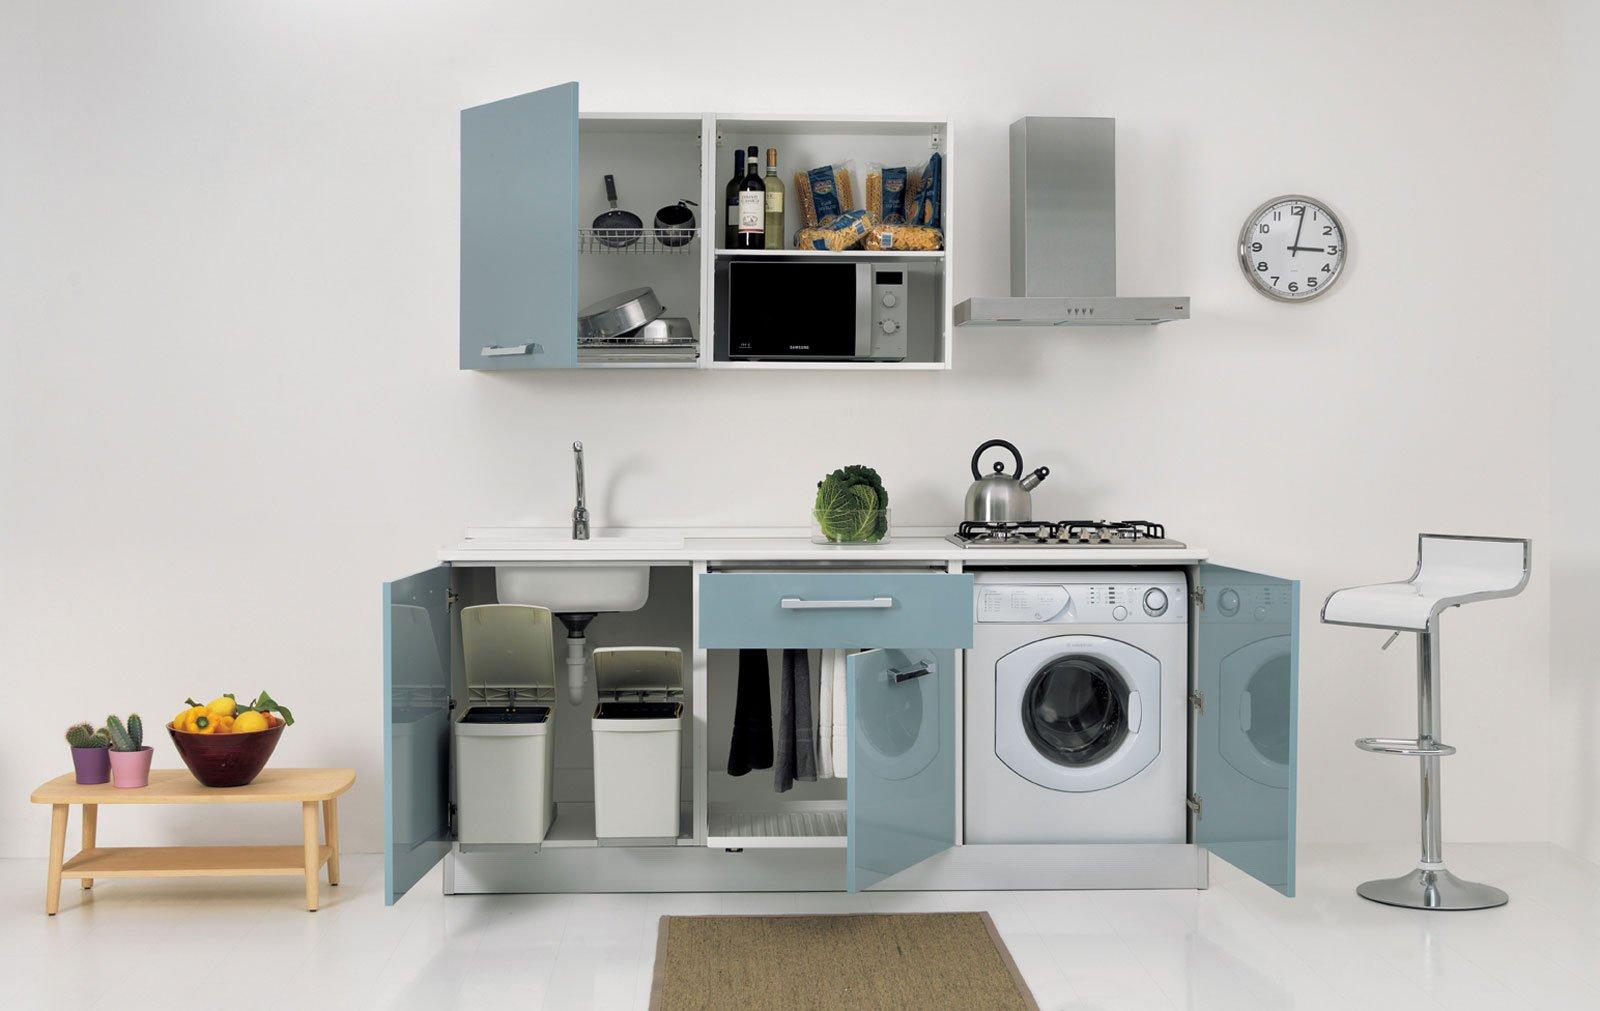 Cucine piccole composizioni compatte anche per il for Cucine piccole ad angolo moderne